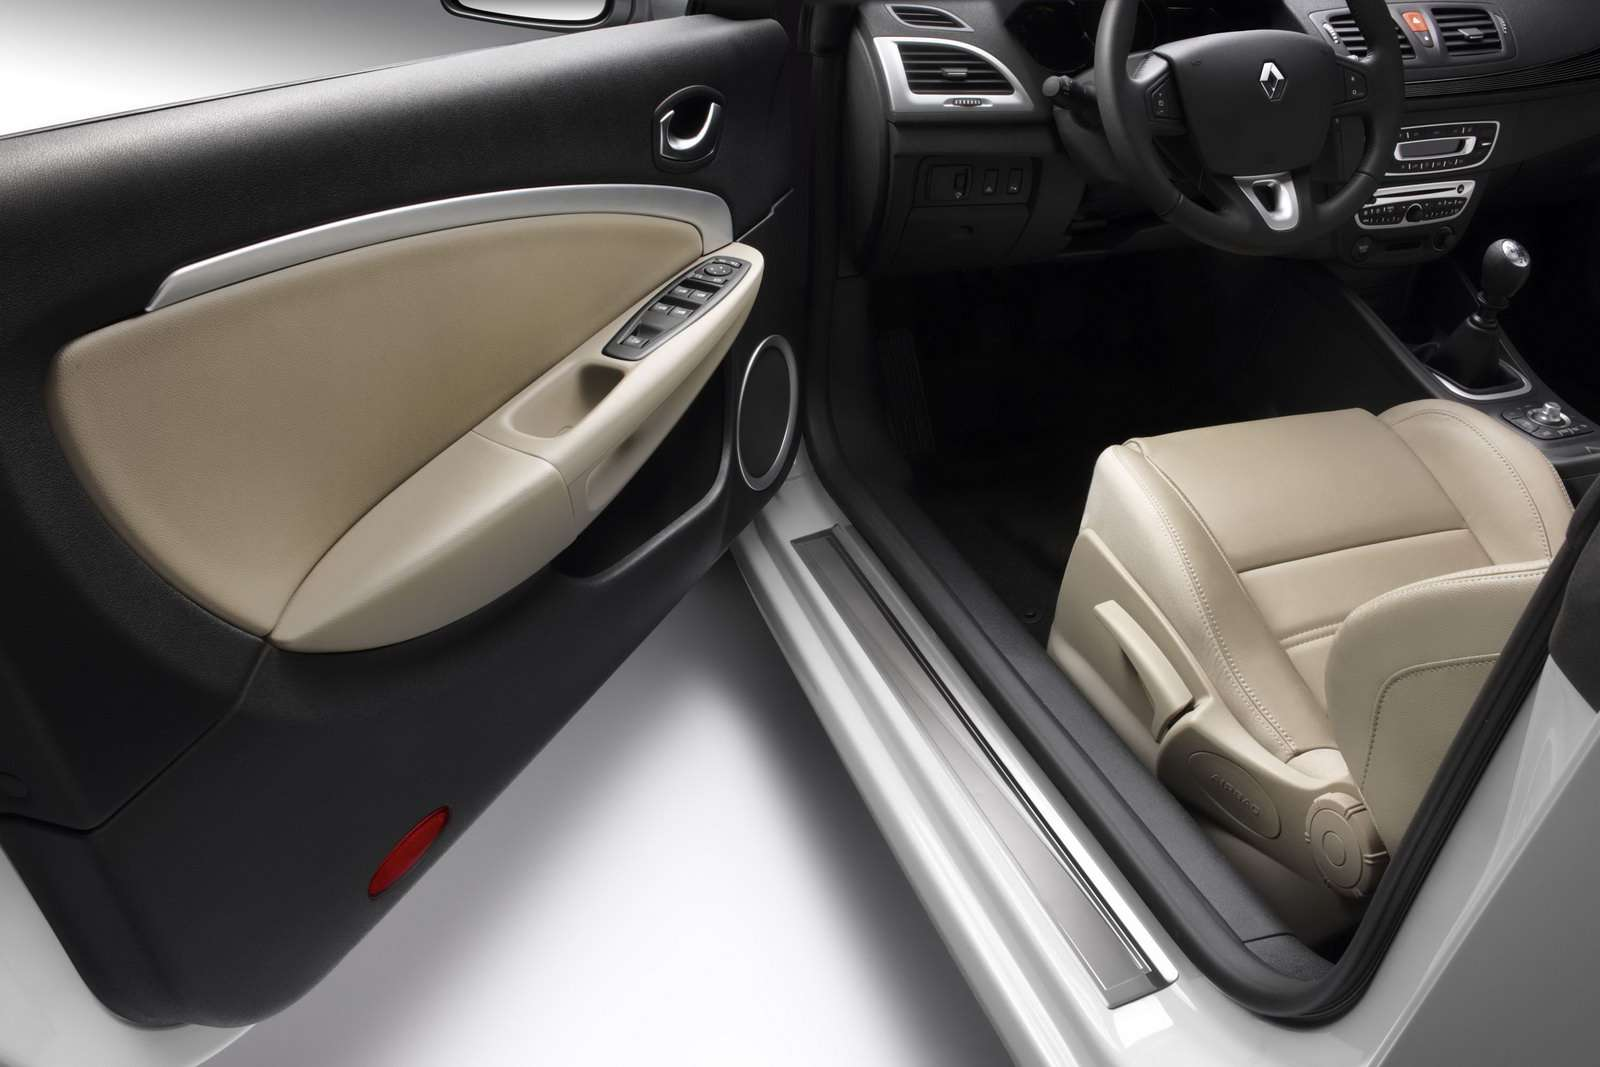 Renault Megane CC 2010 fot